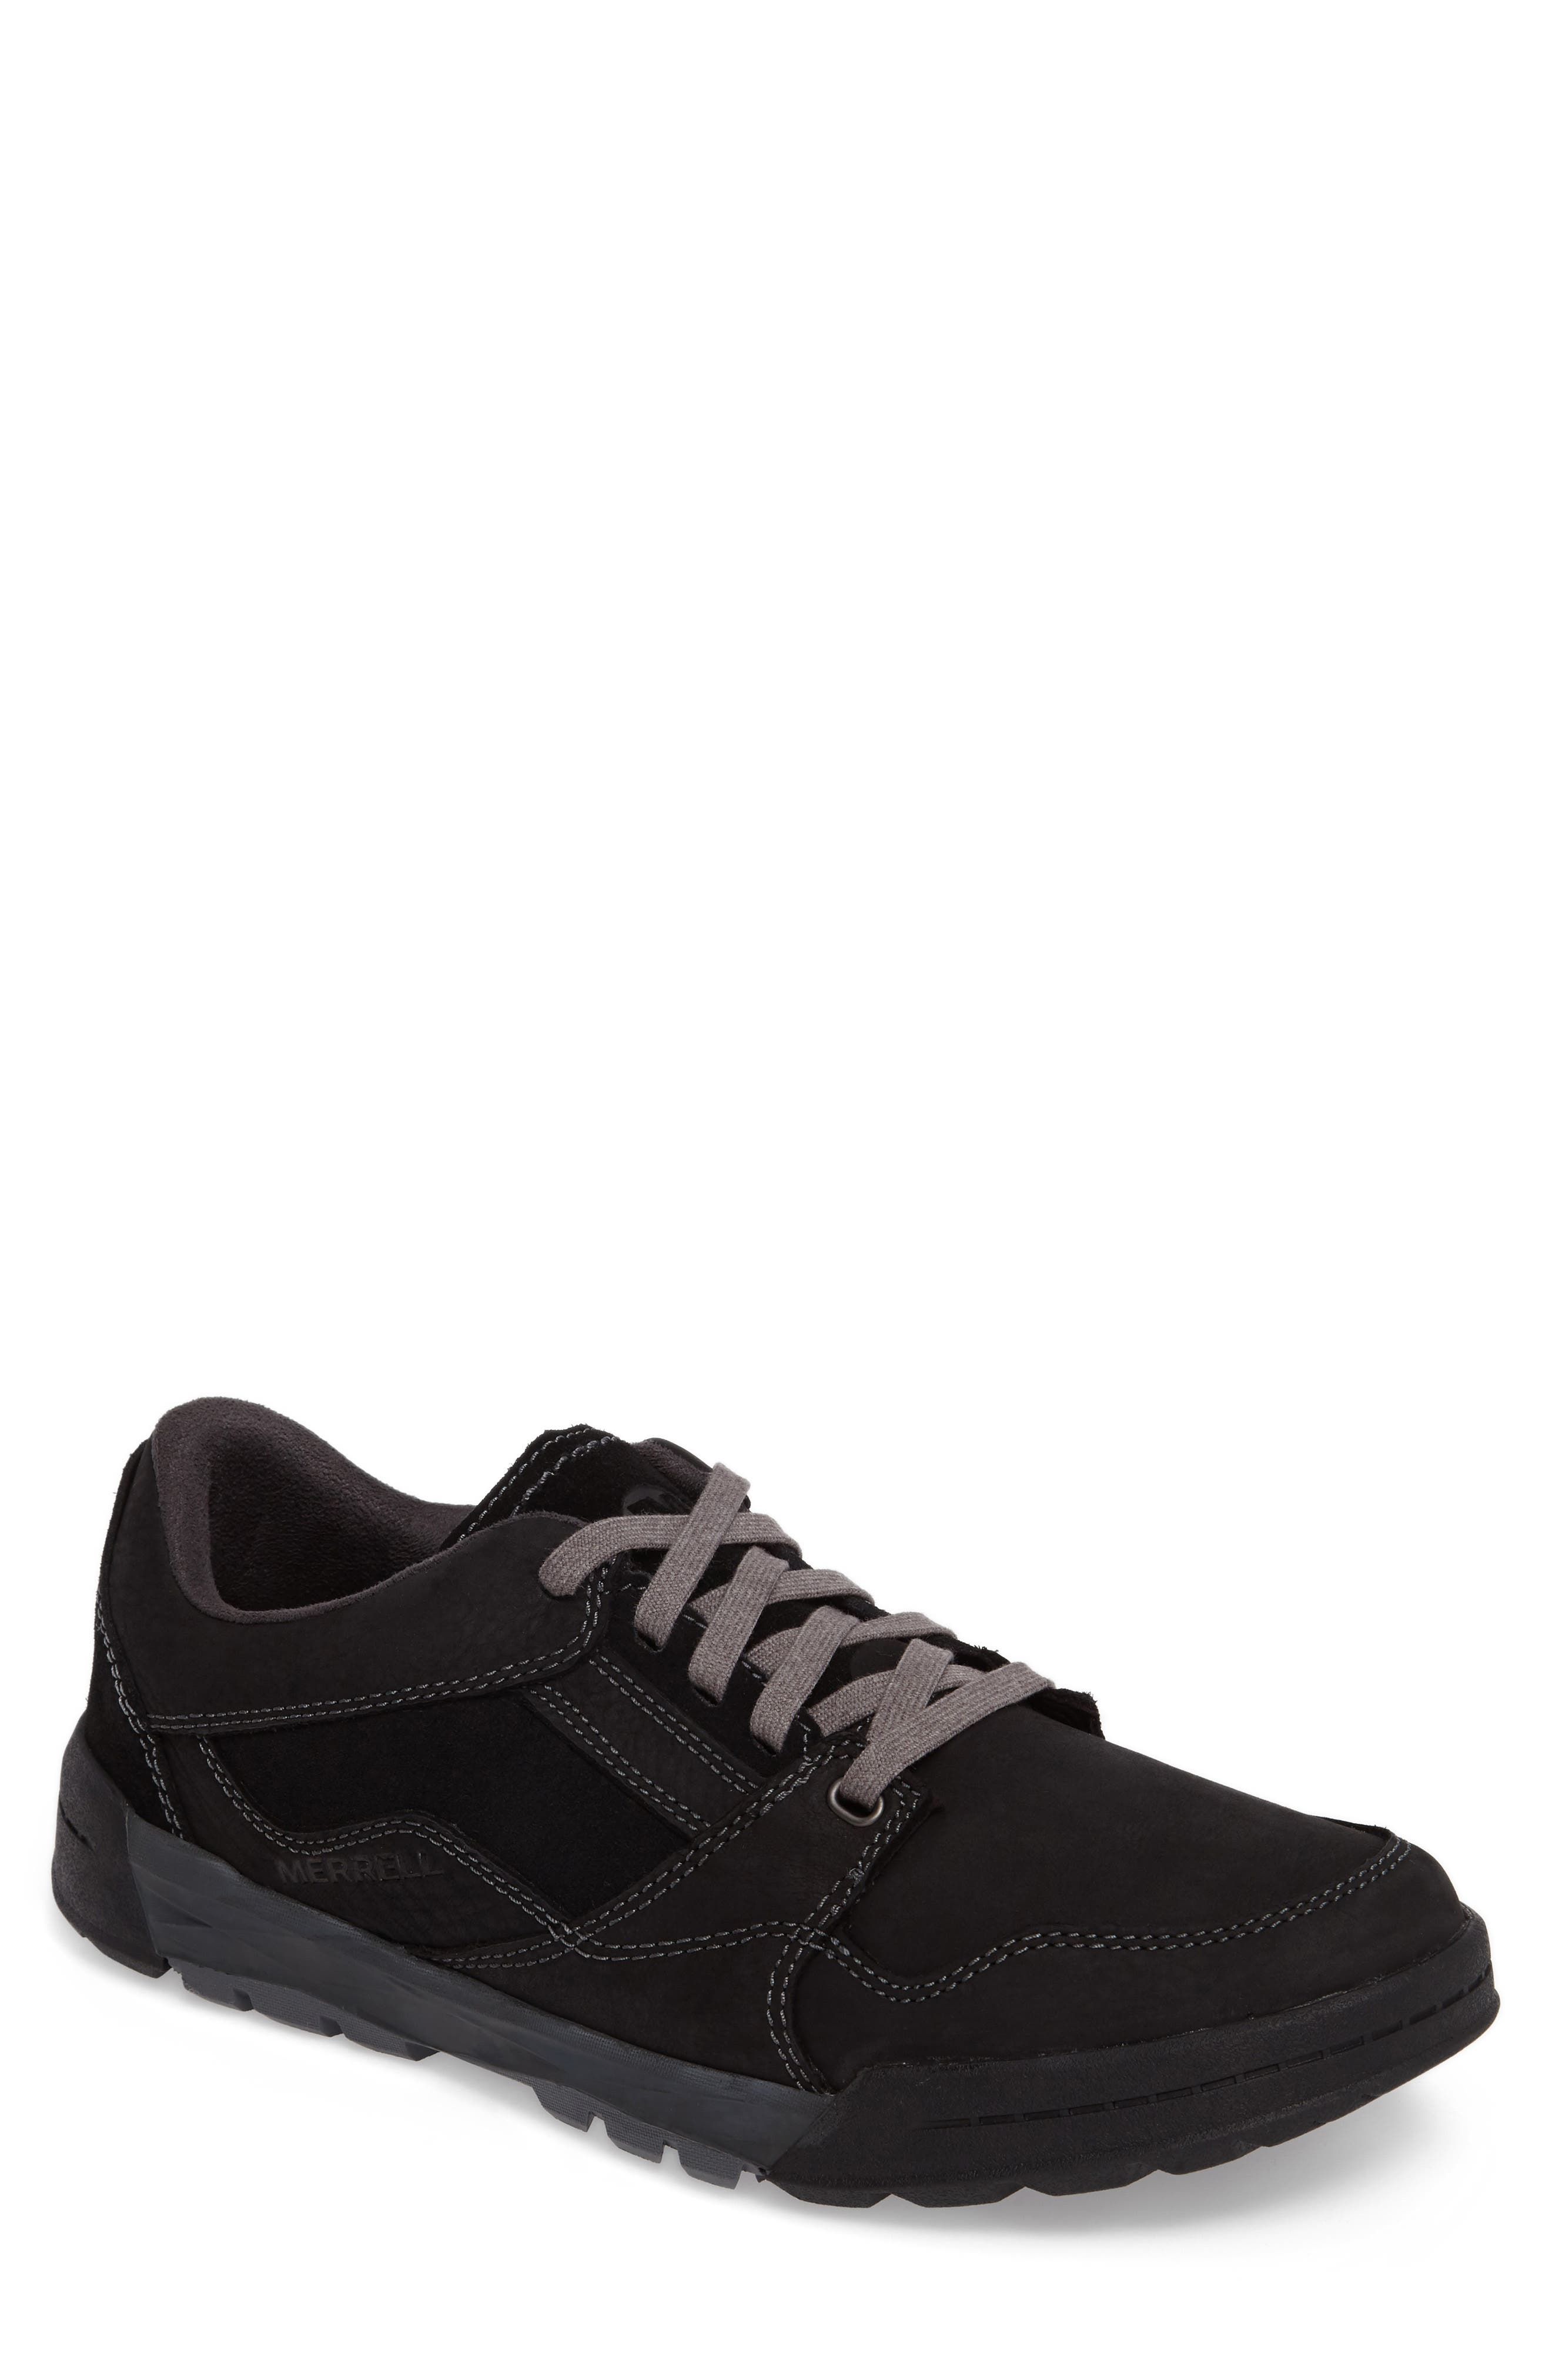 MERRELL Berner Sneaker